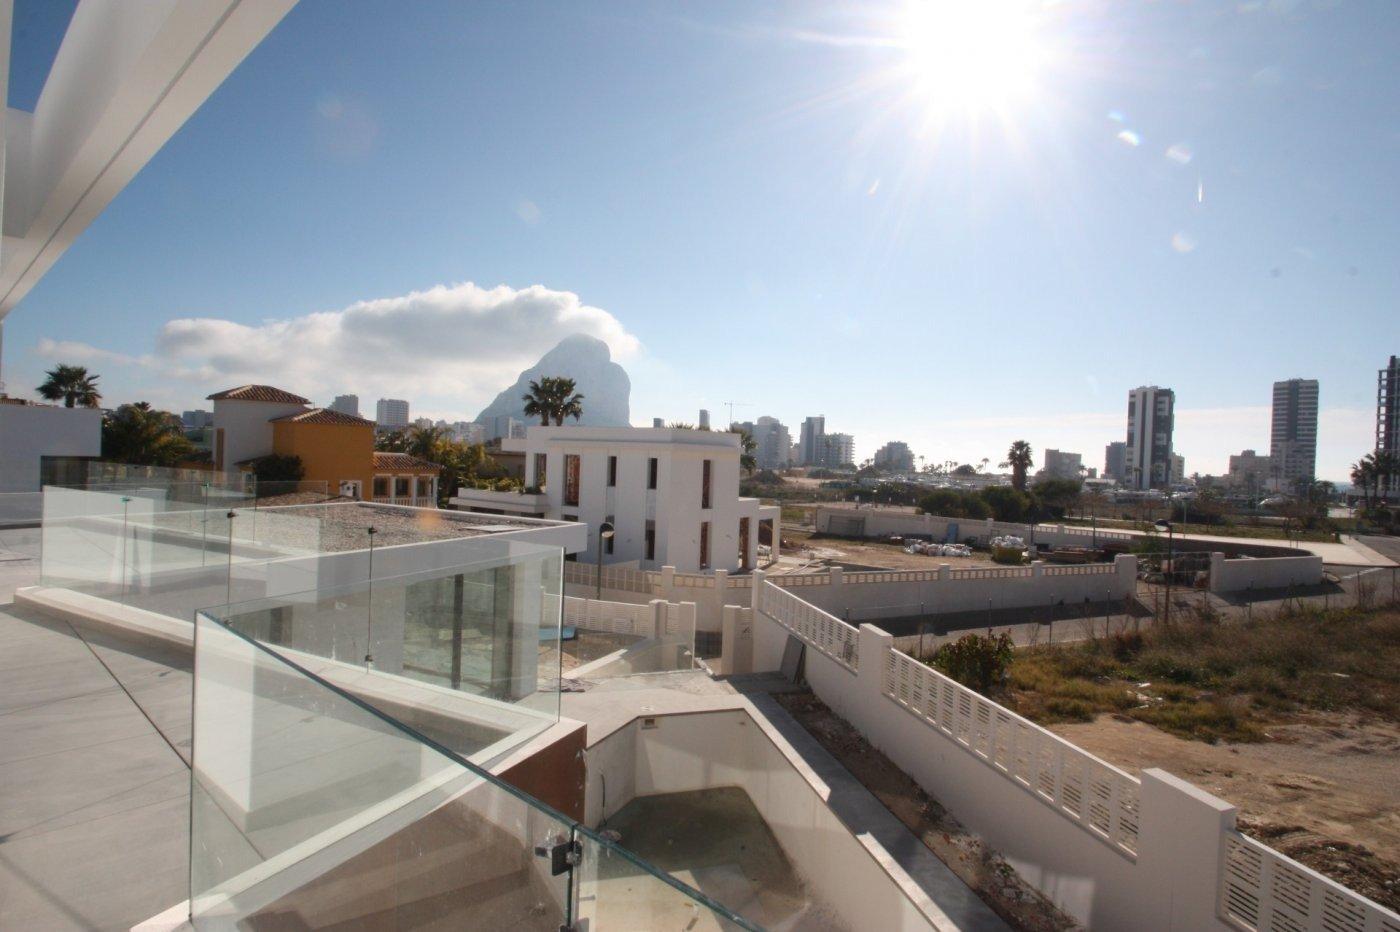 Villa de obra nueva de estilo moderno en venta en calpe a 600 m de la playa - imagenInmueble5